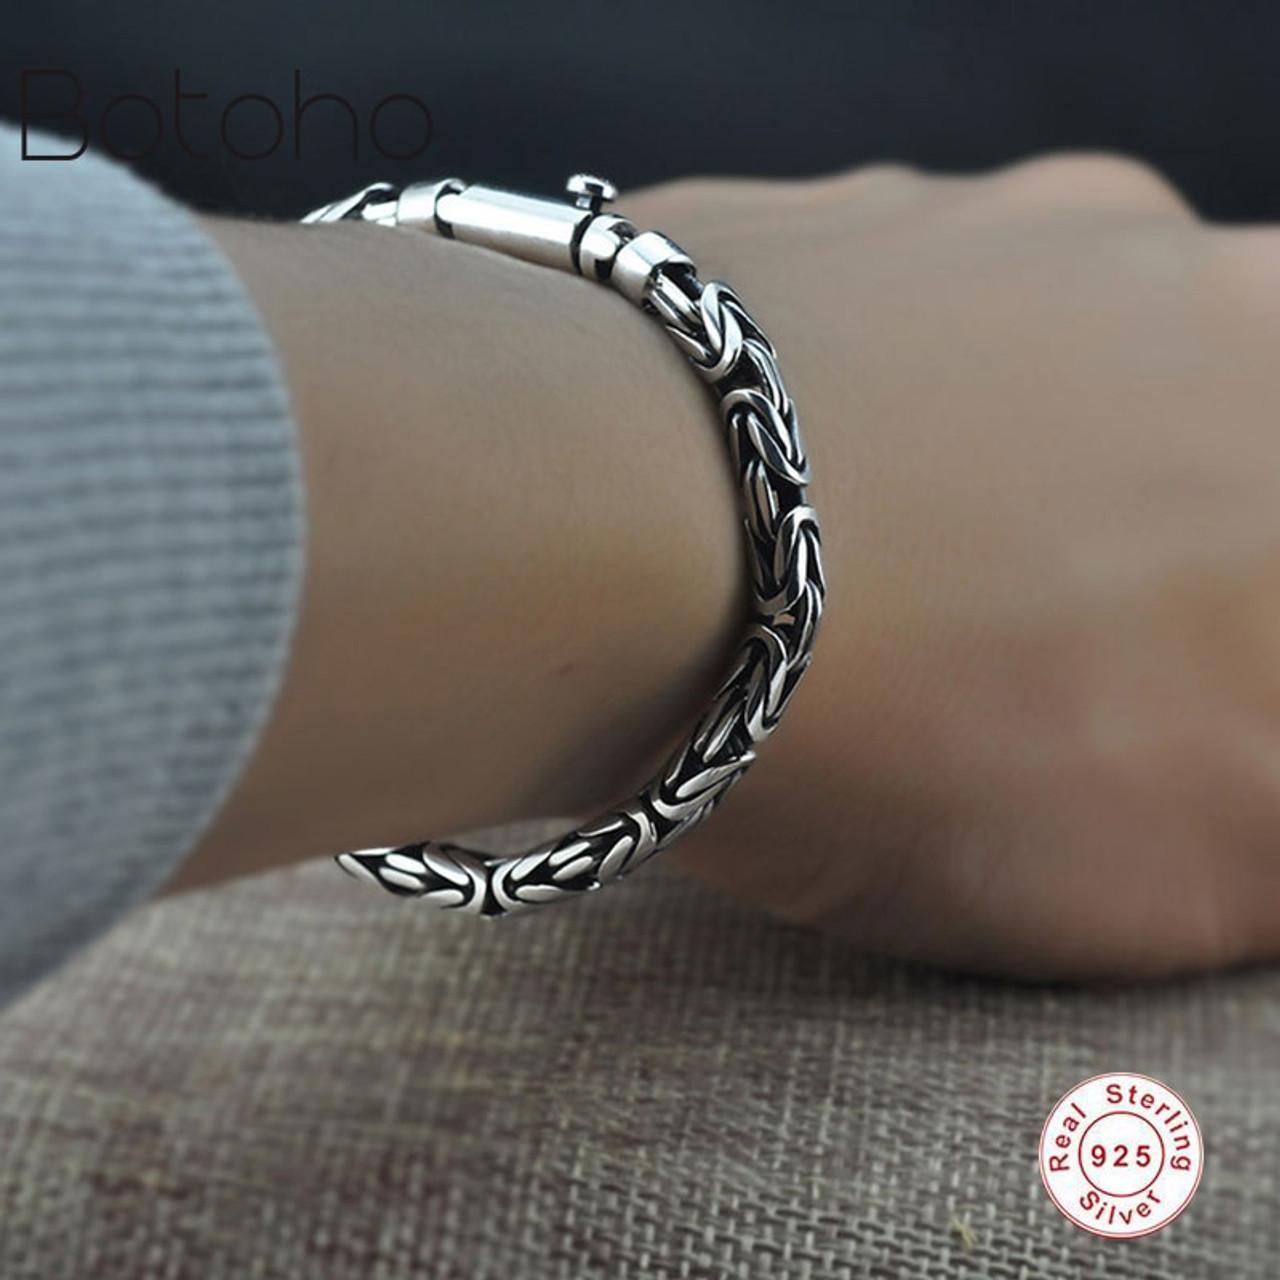 eeec00becaf69a 925Sterling silver bracelet Men Pure 925 Sterling Silver Bracelet Classic  Link Chain S925 Thai Silver Bracelet ...